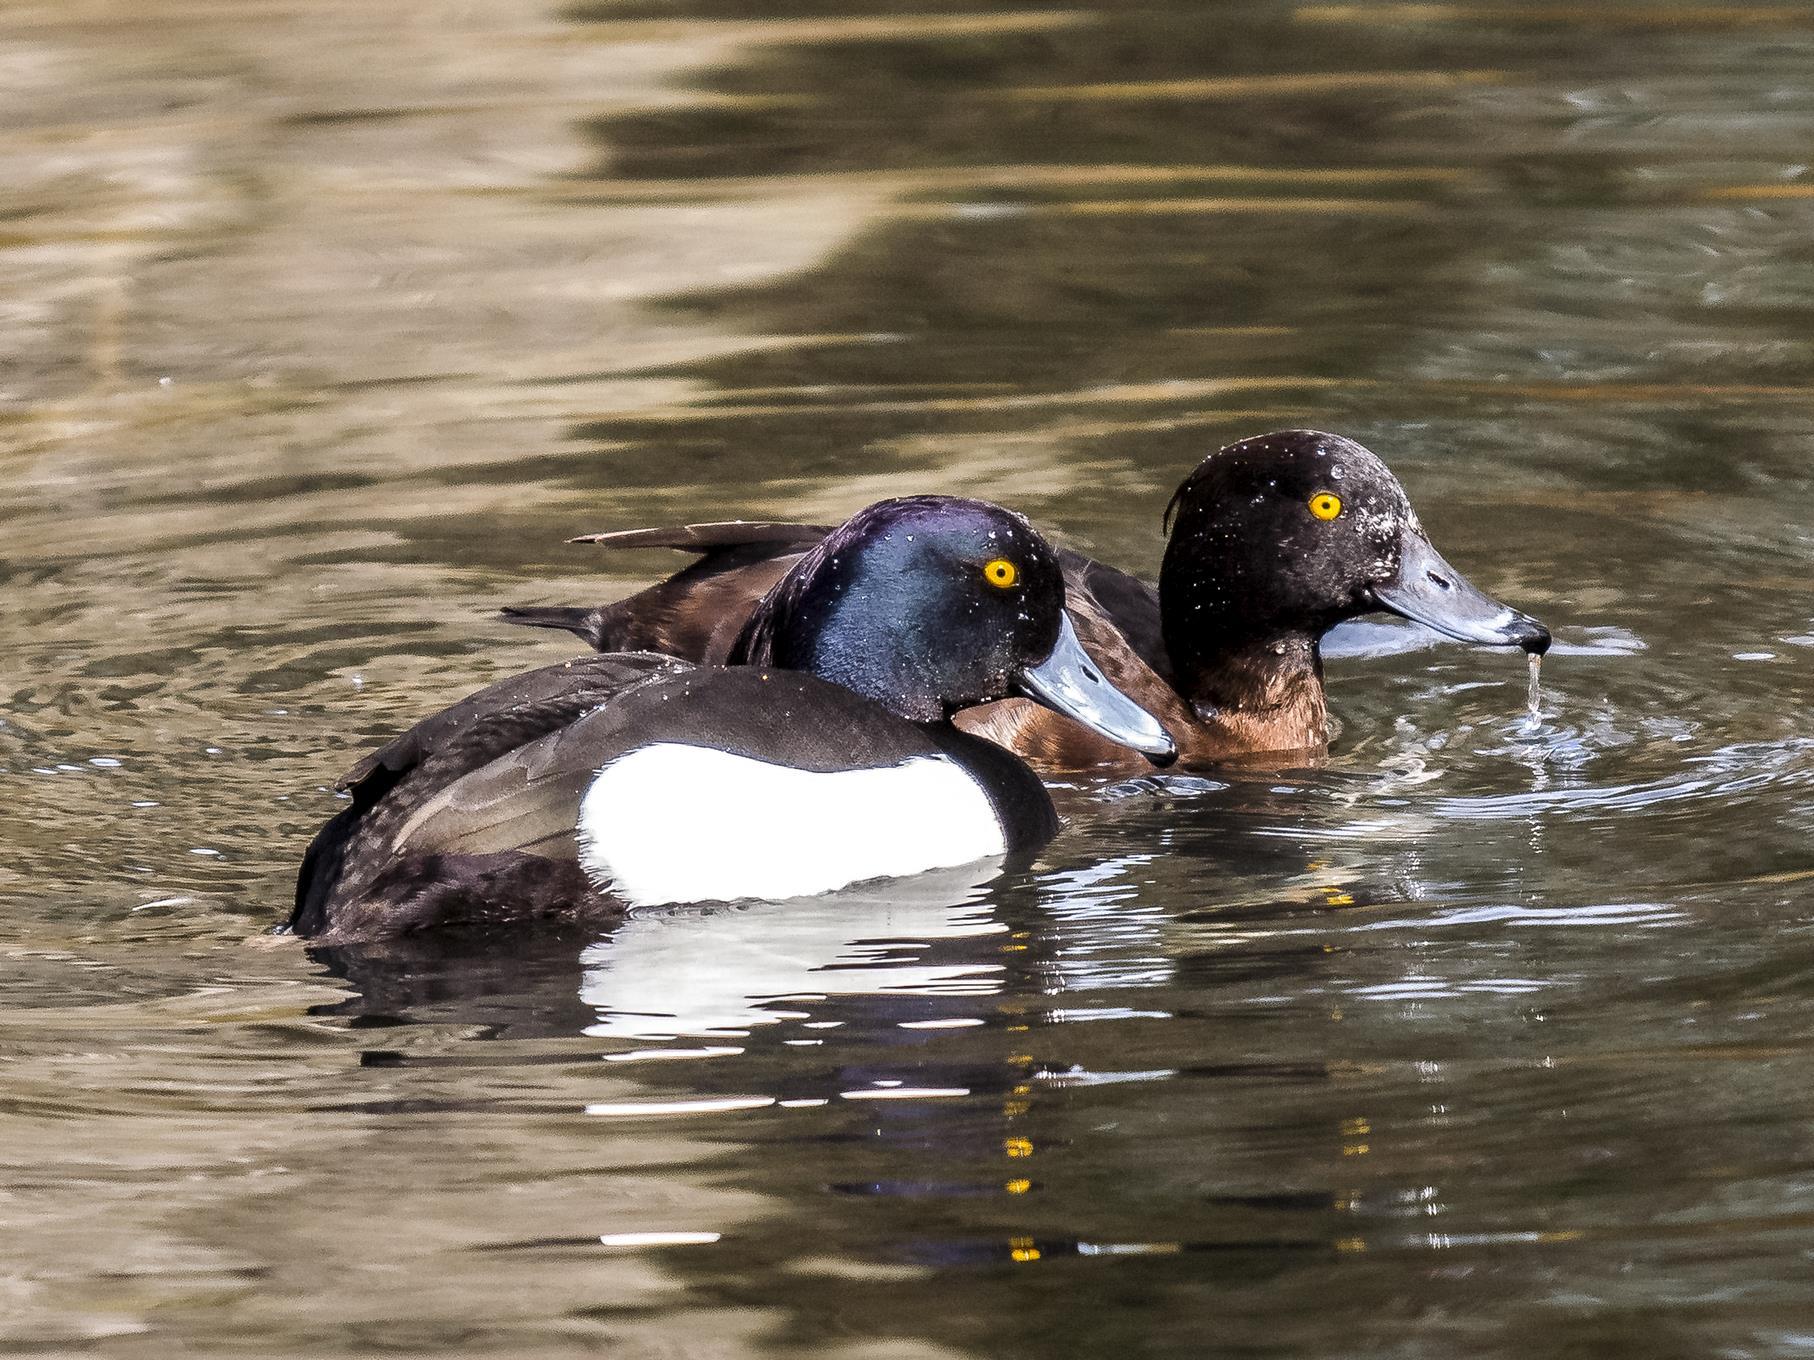 Ein Reiherenten-Paar auf dem Wasser.